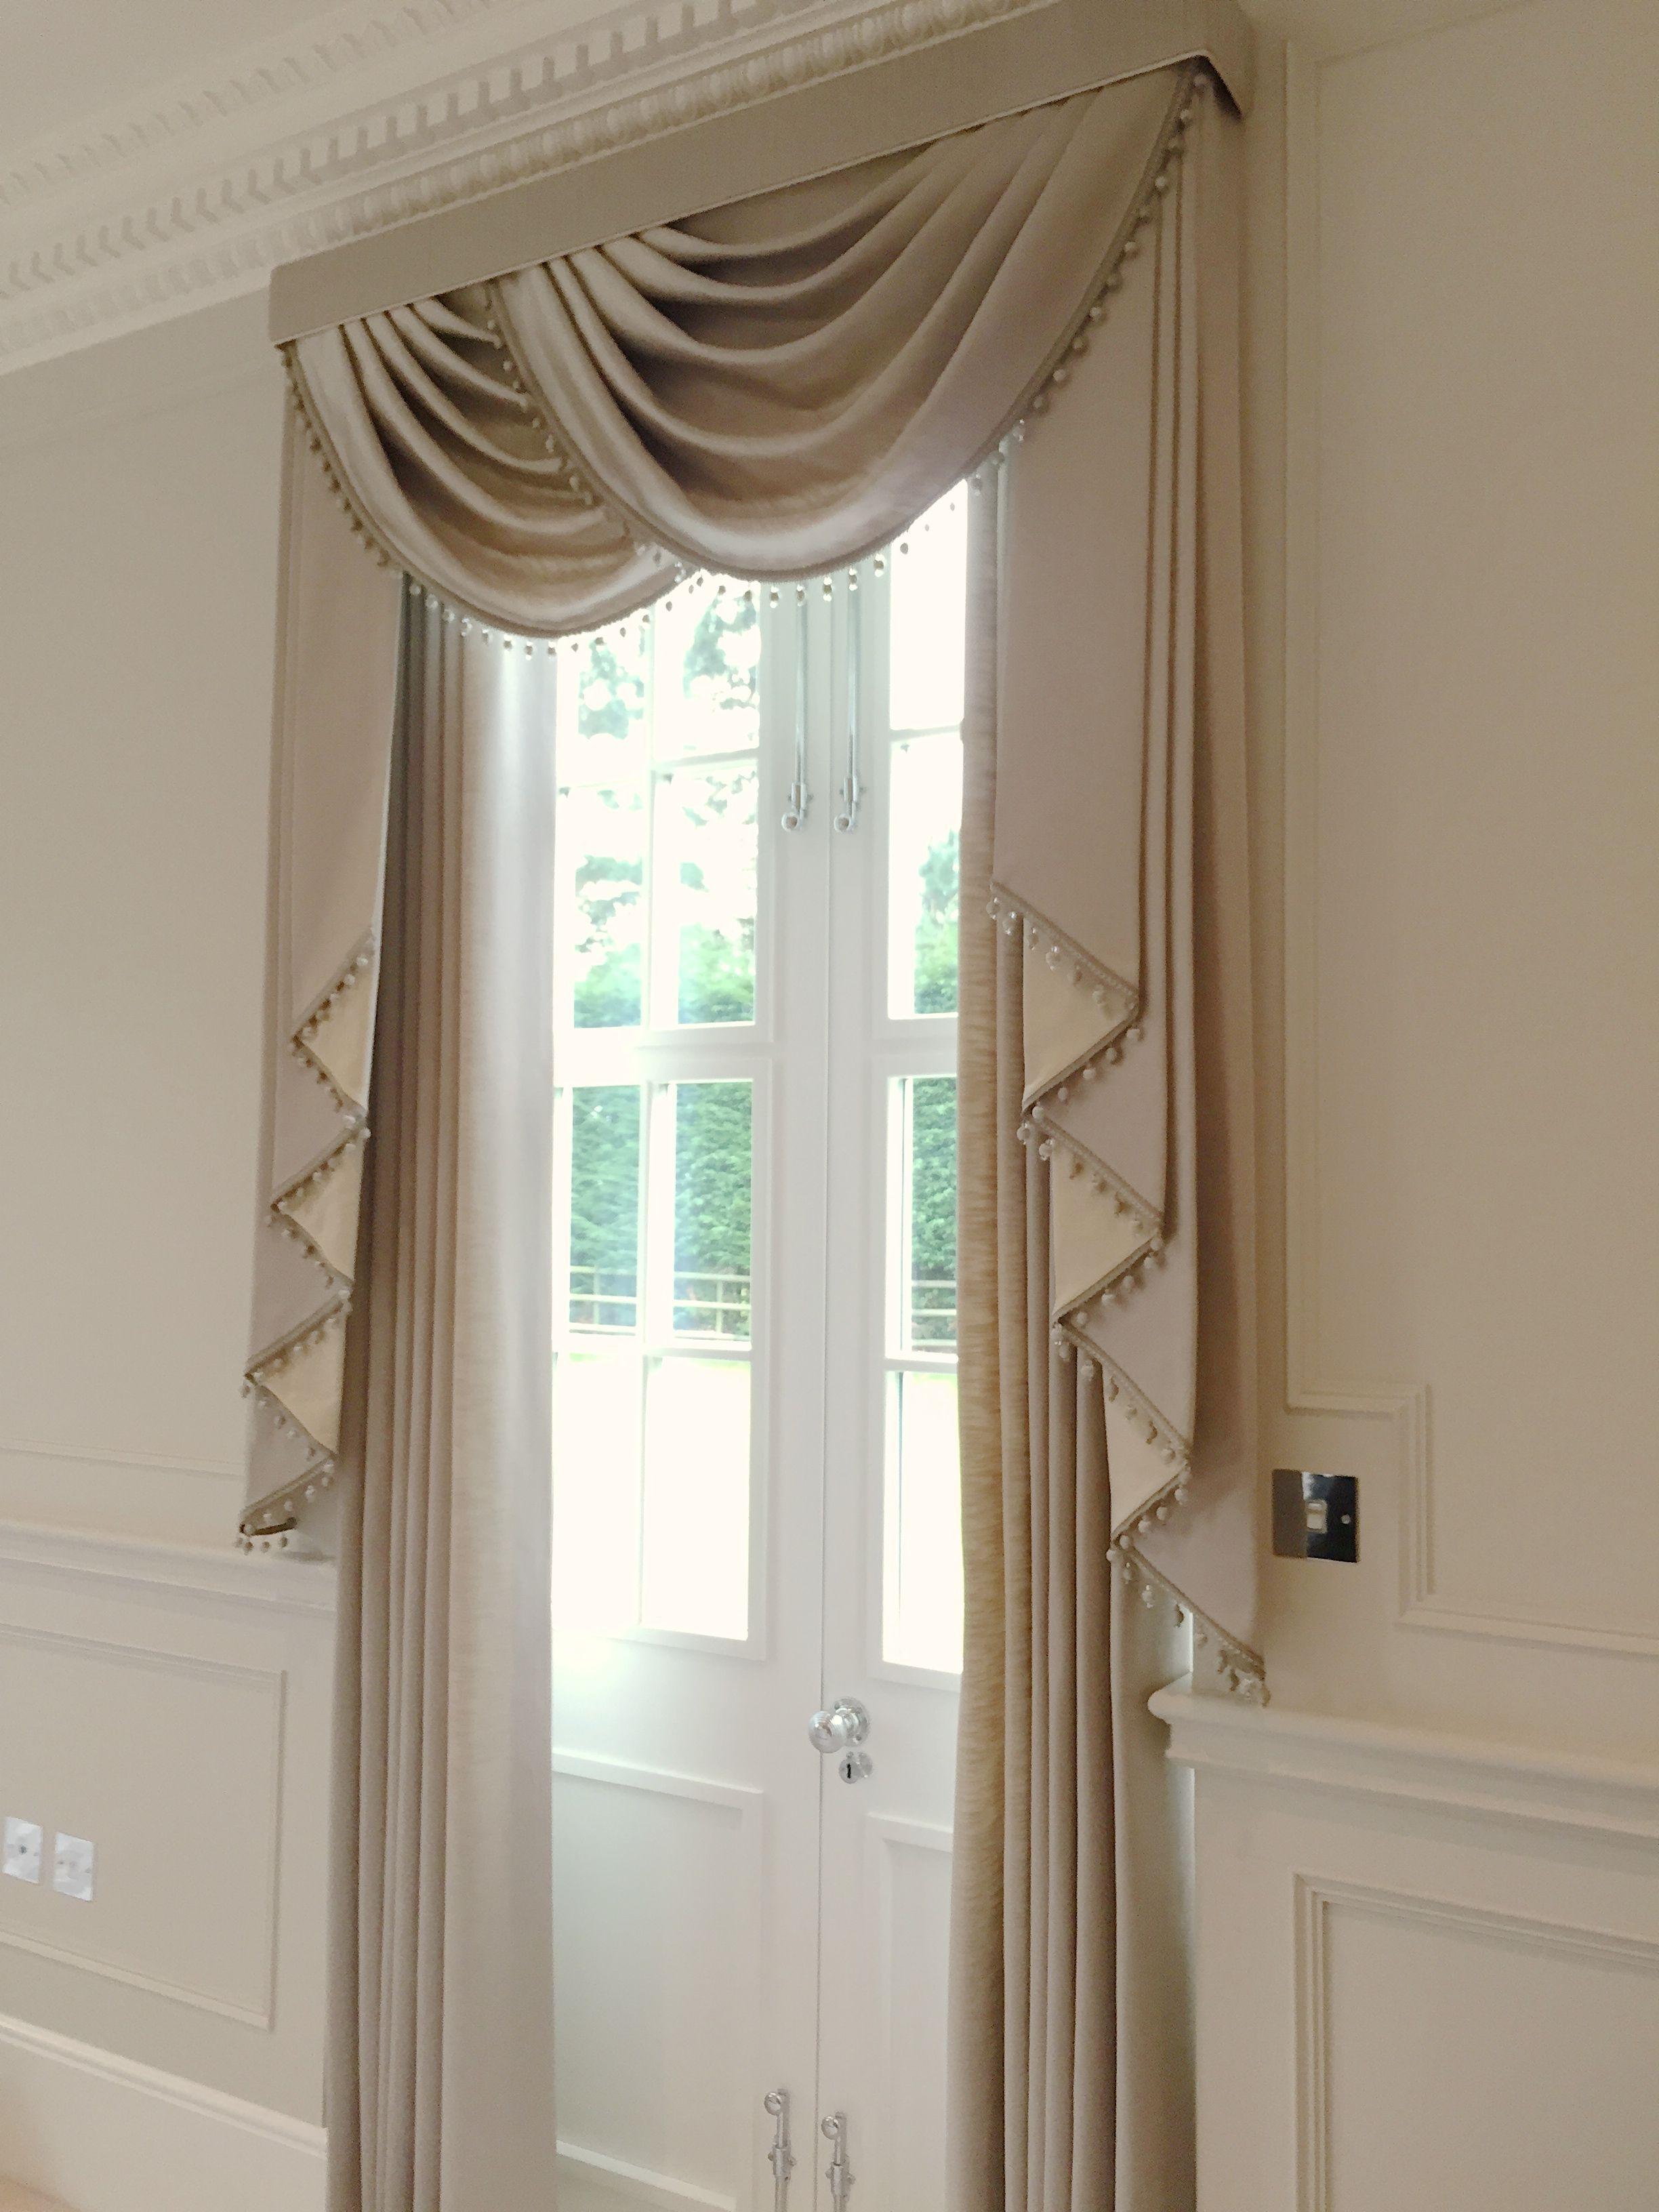 Elegante Fenster Schabracken Home Vorhang Ideen Eleganten Braun Vorhänge  Vorhang Designs Für Schlafzimmer Paisley Vorhänge #Vorhang